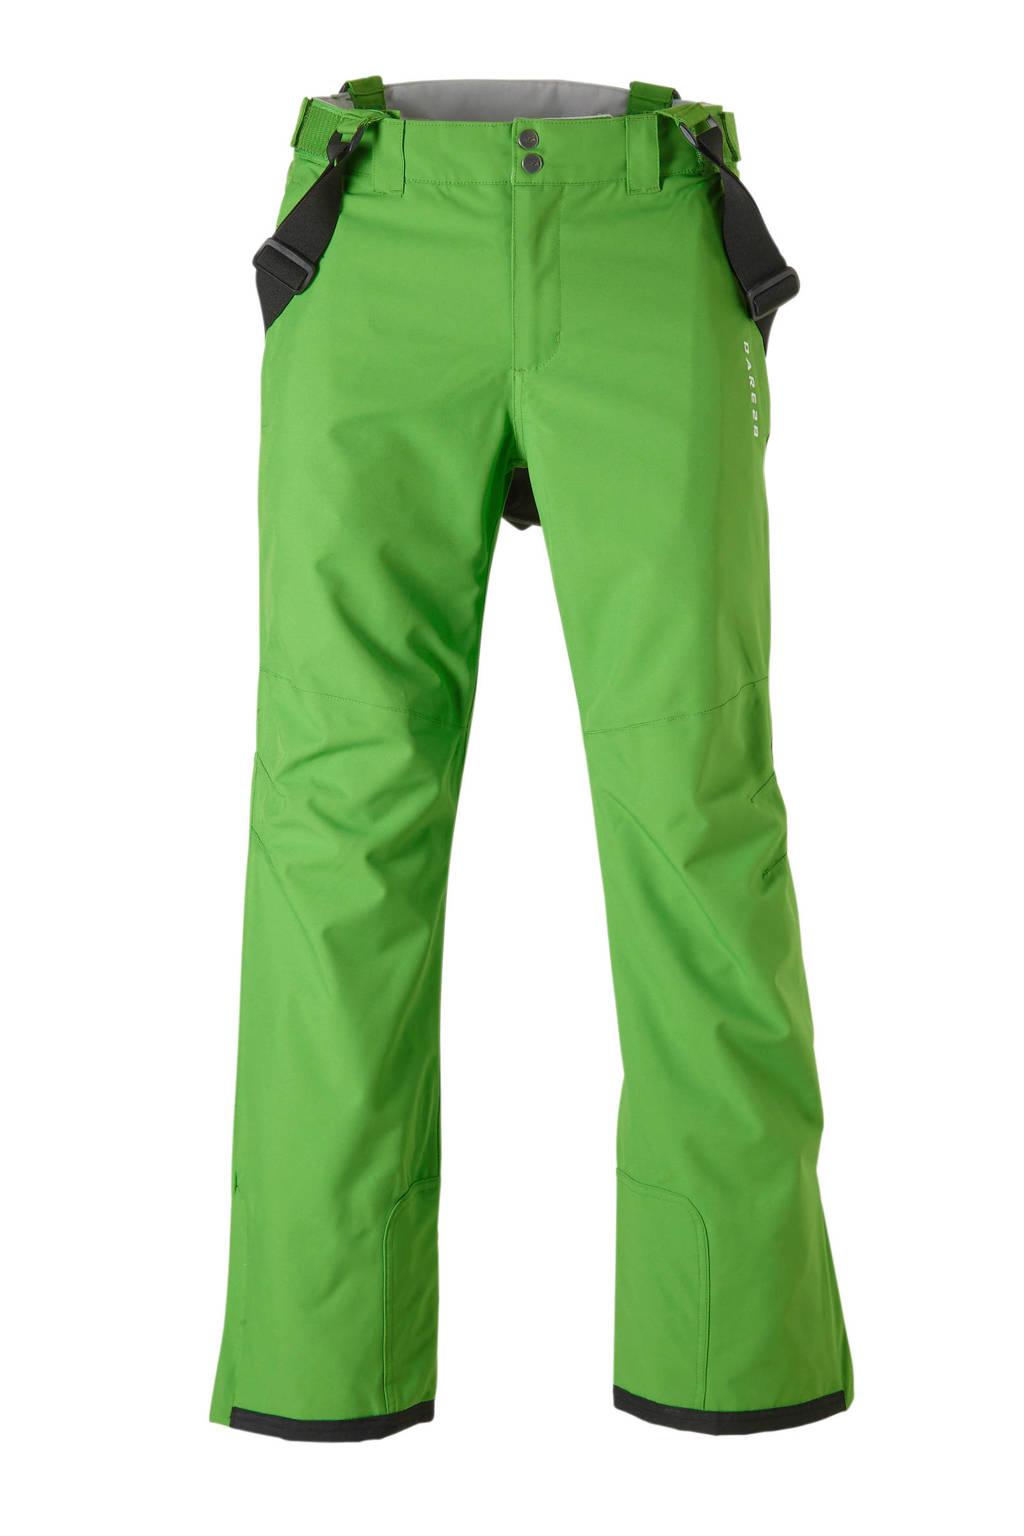 Dare2B skibroek groen, Groen